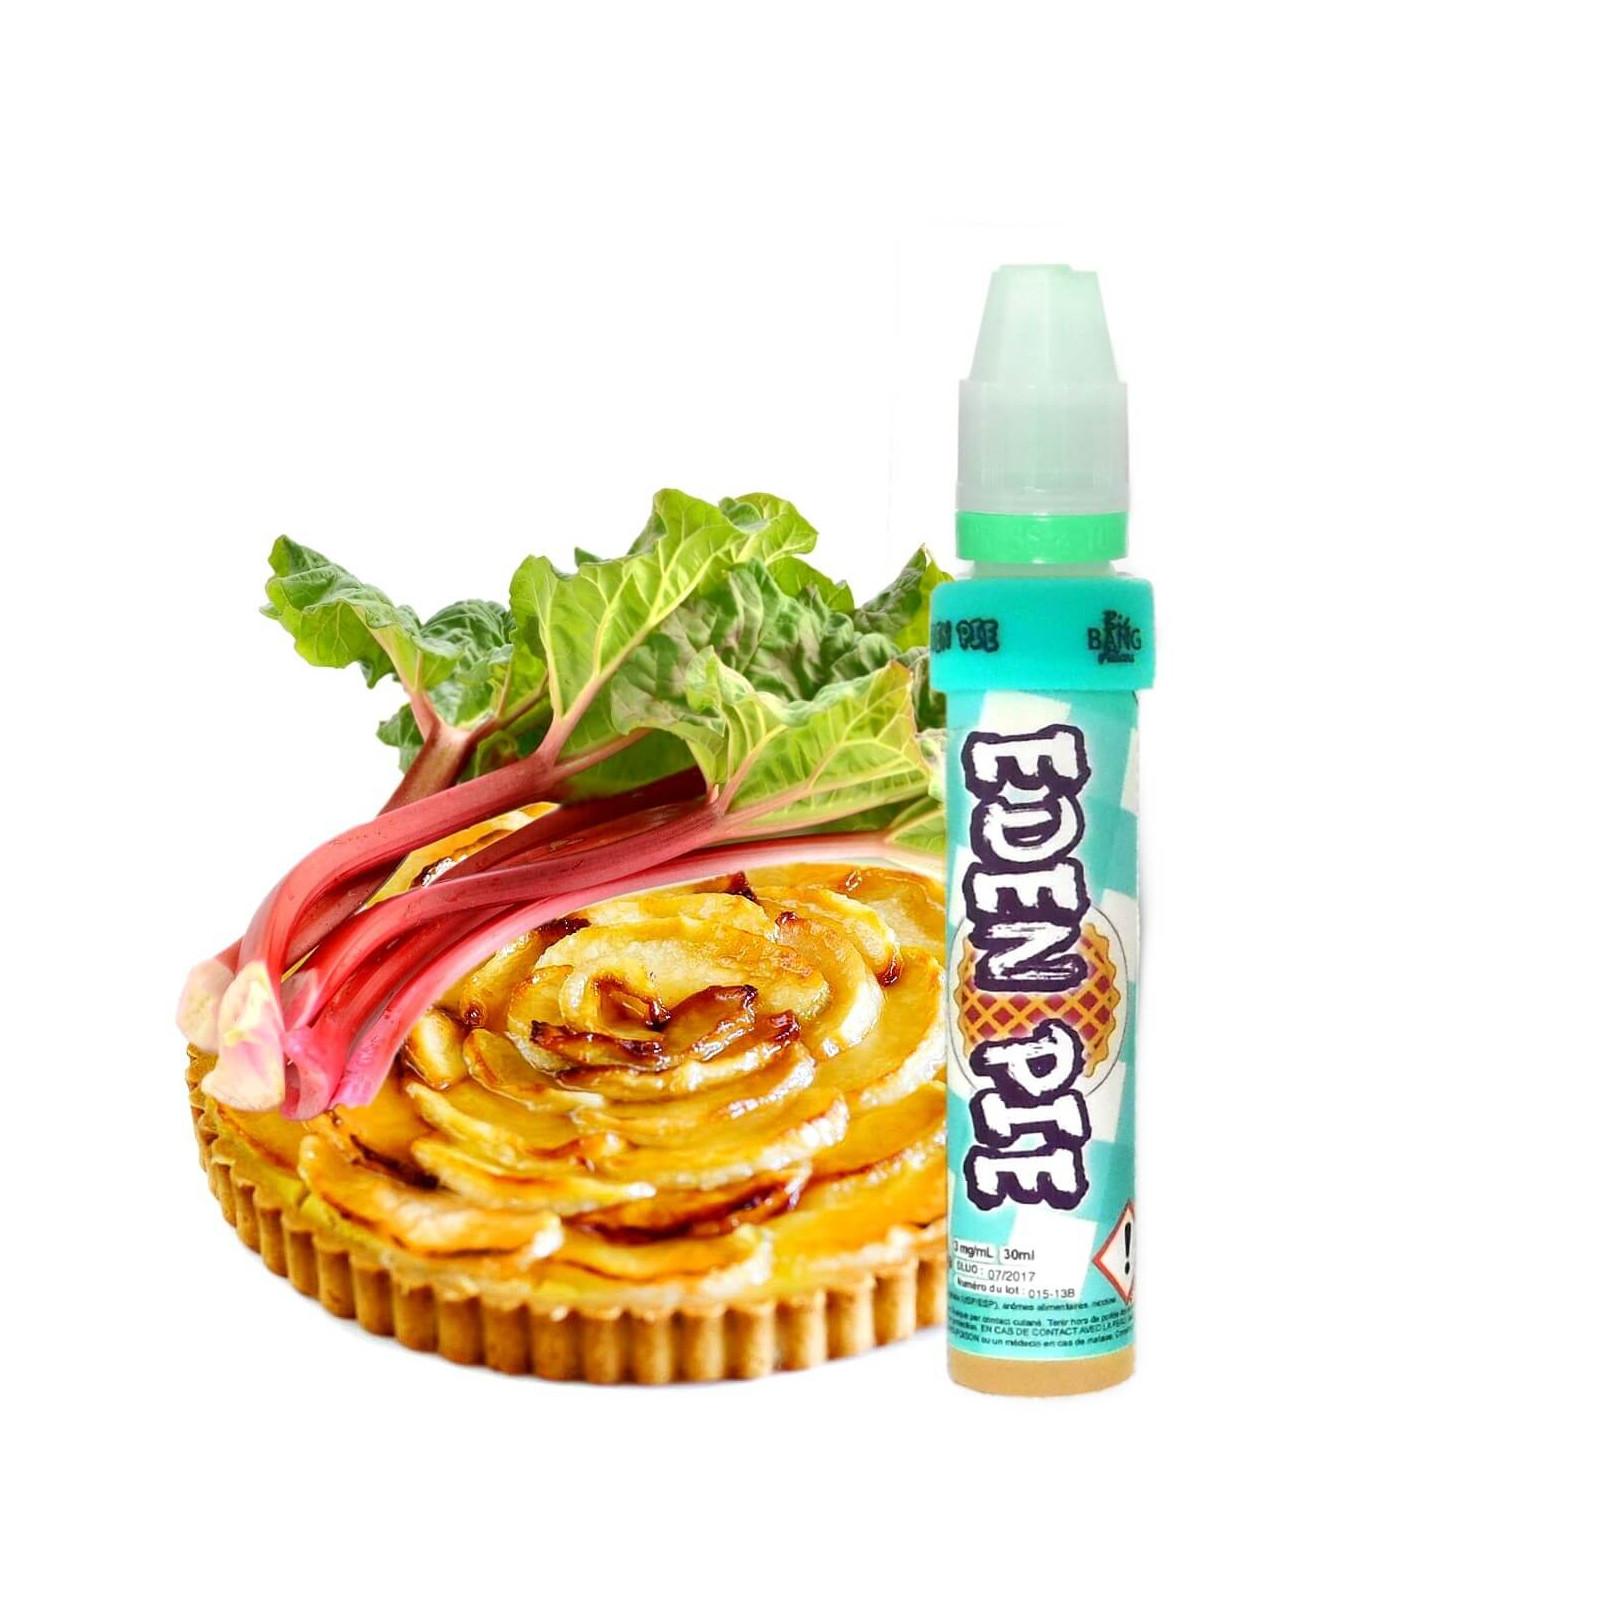 Eden Pie - Big Bang Juices